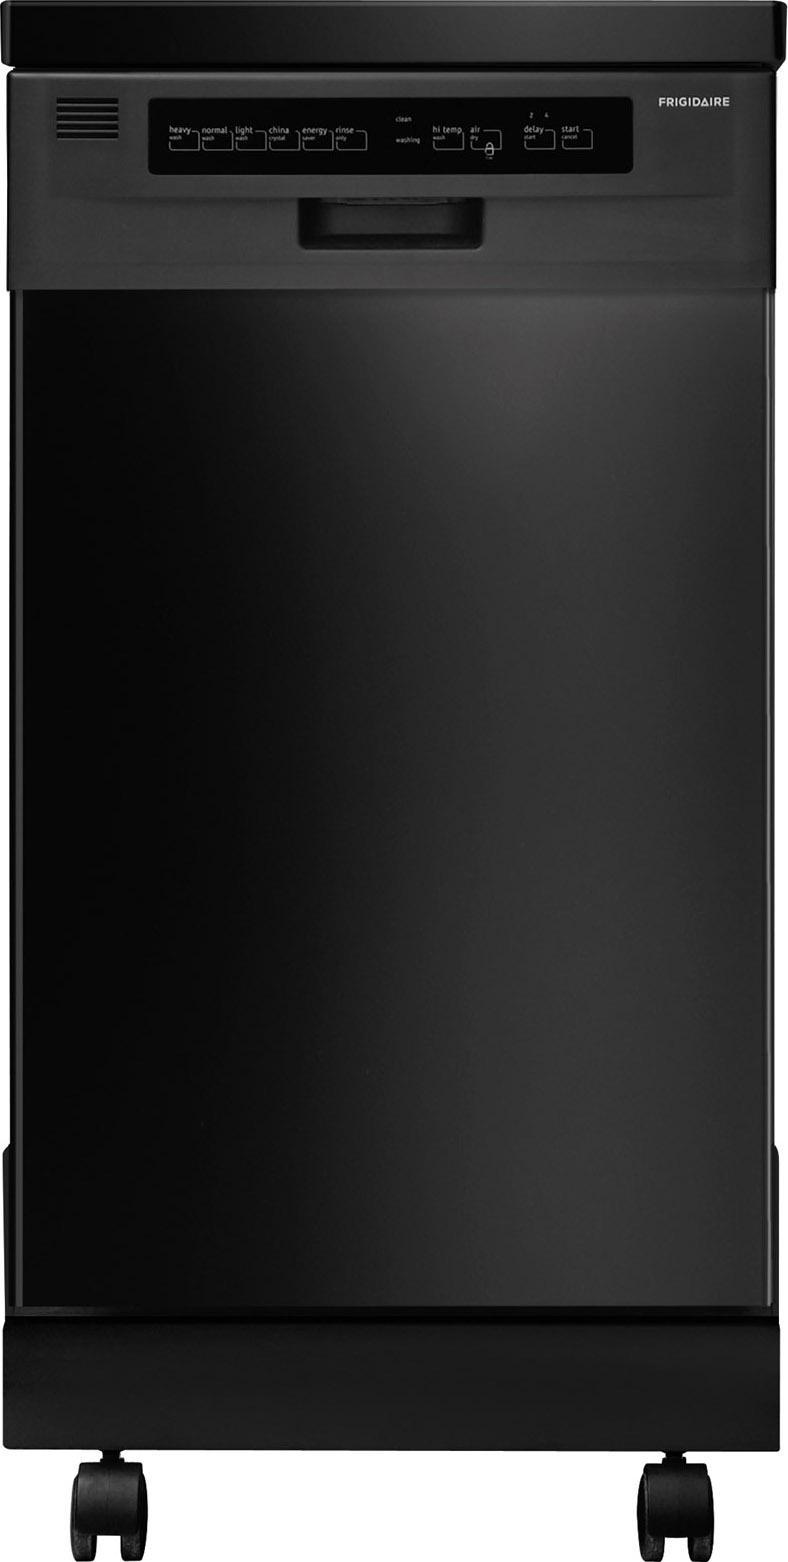 """Frigidaire Dishwashers 18"""" Portable Dishwasher - Item Number: FFPD1821MB"""